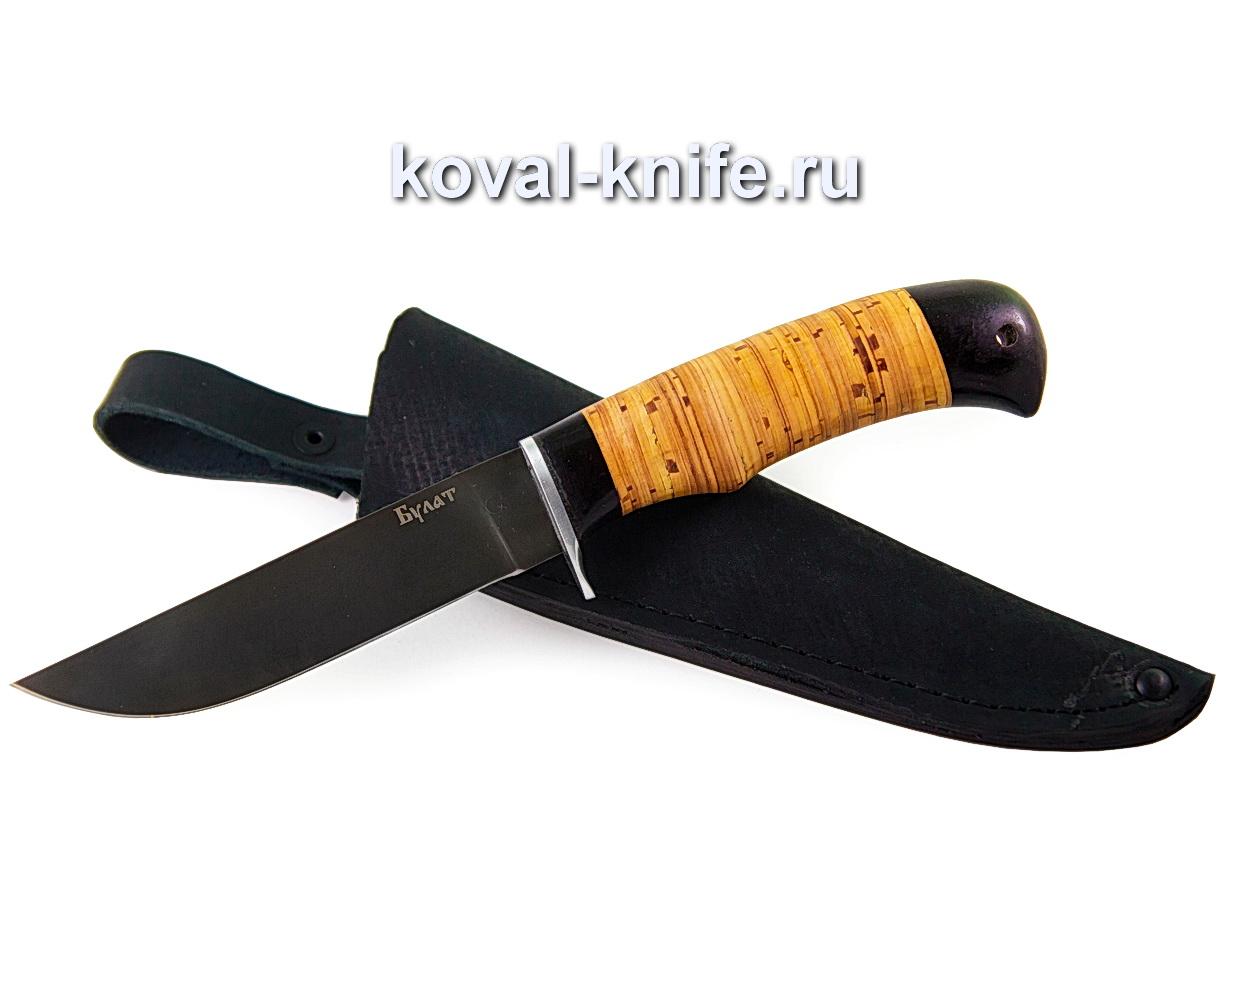 Нож из булатной стали Белка (рукоять береста и граб) A375